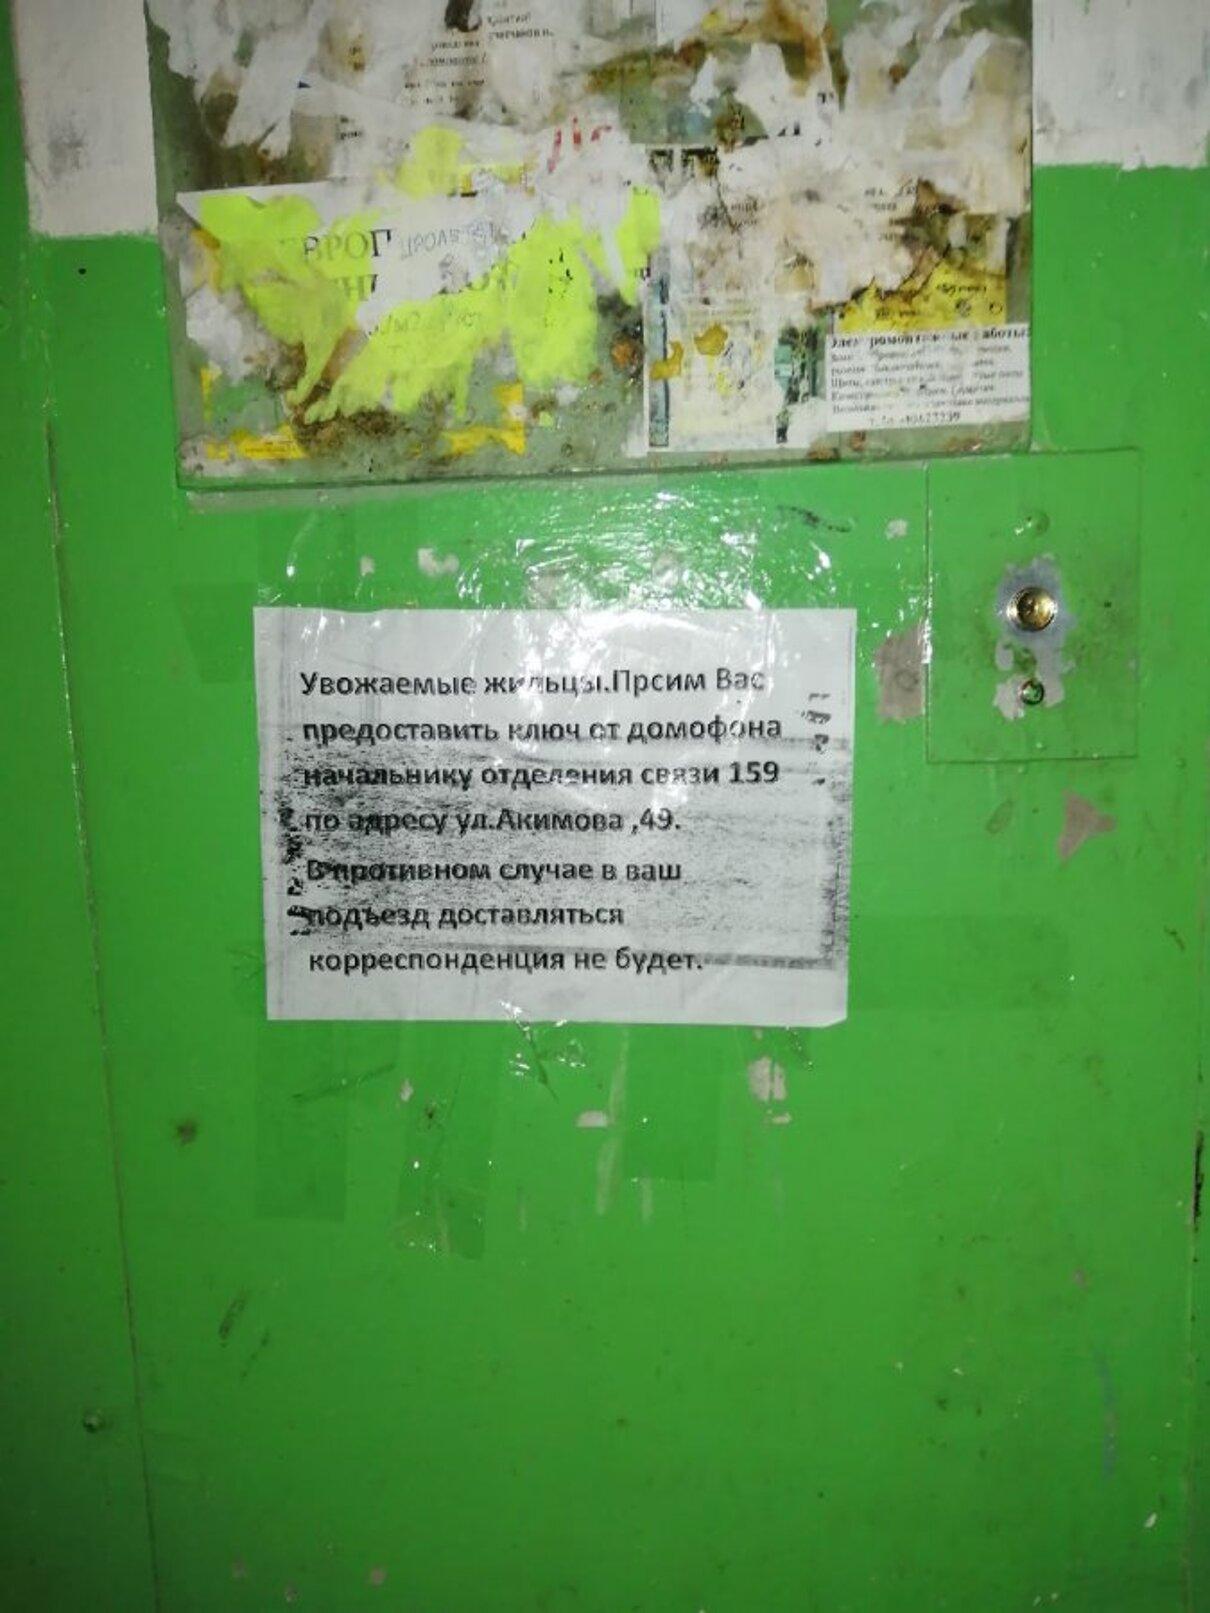 Жалоба-отзыв: Начальник отделения связи 159 по адресу ул. Акимова 49 - Самоуправство